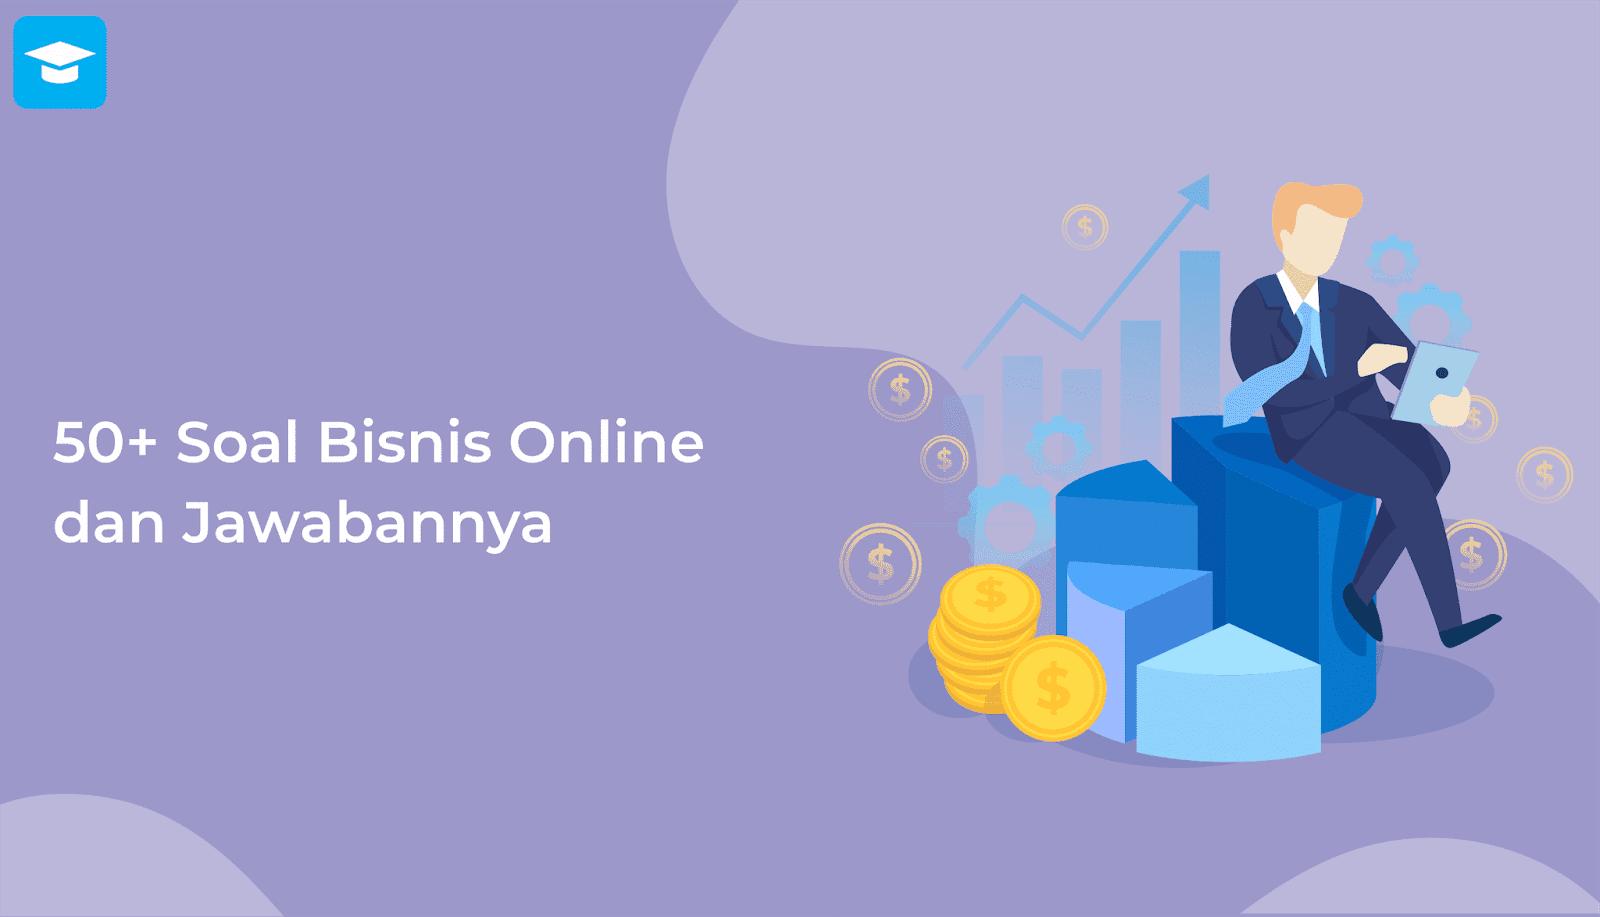 Soal bisnis online dan jawabannya